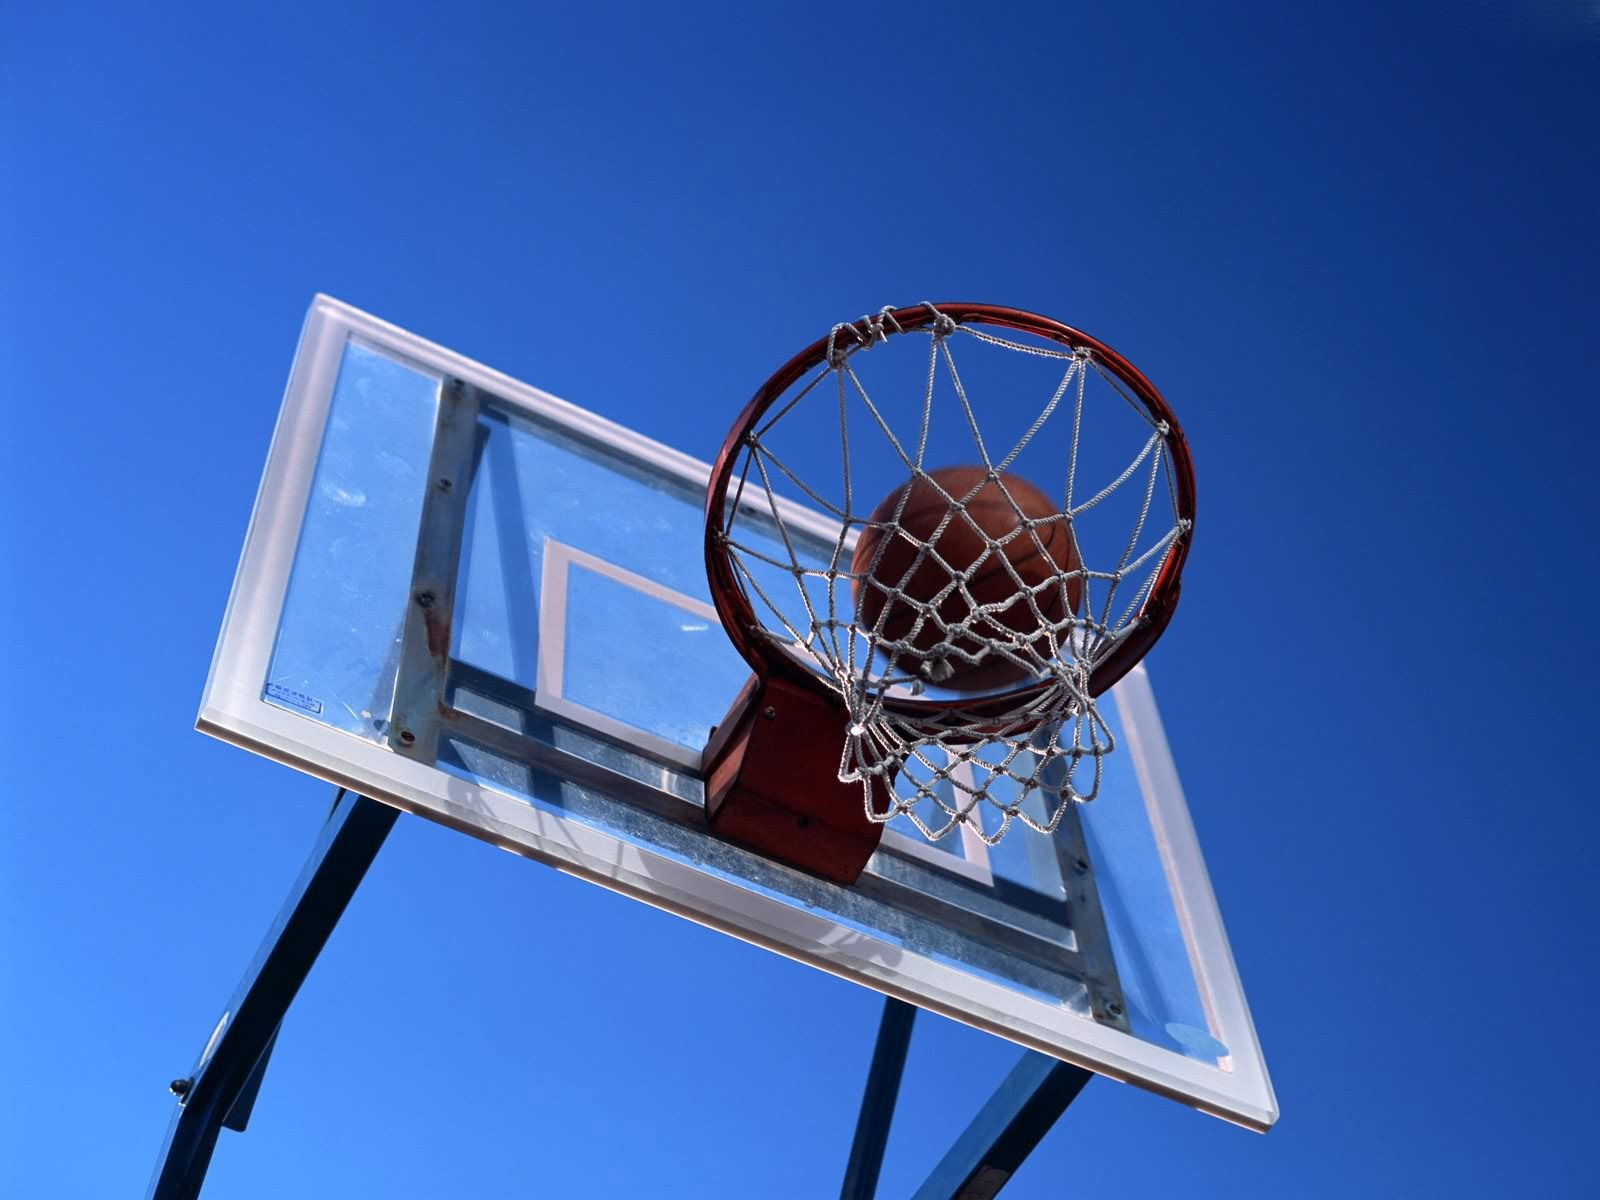 ставки на спорт онлайн видео